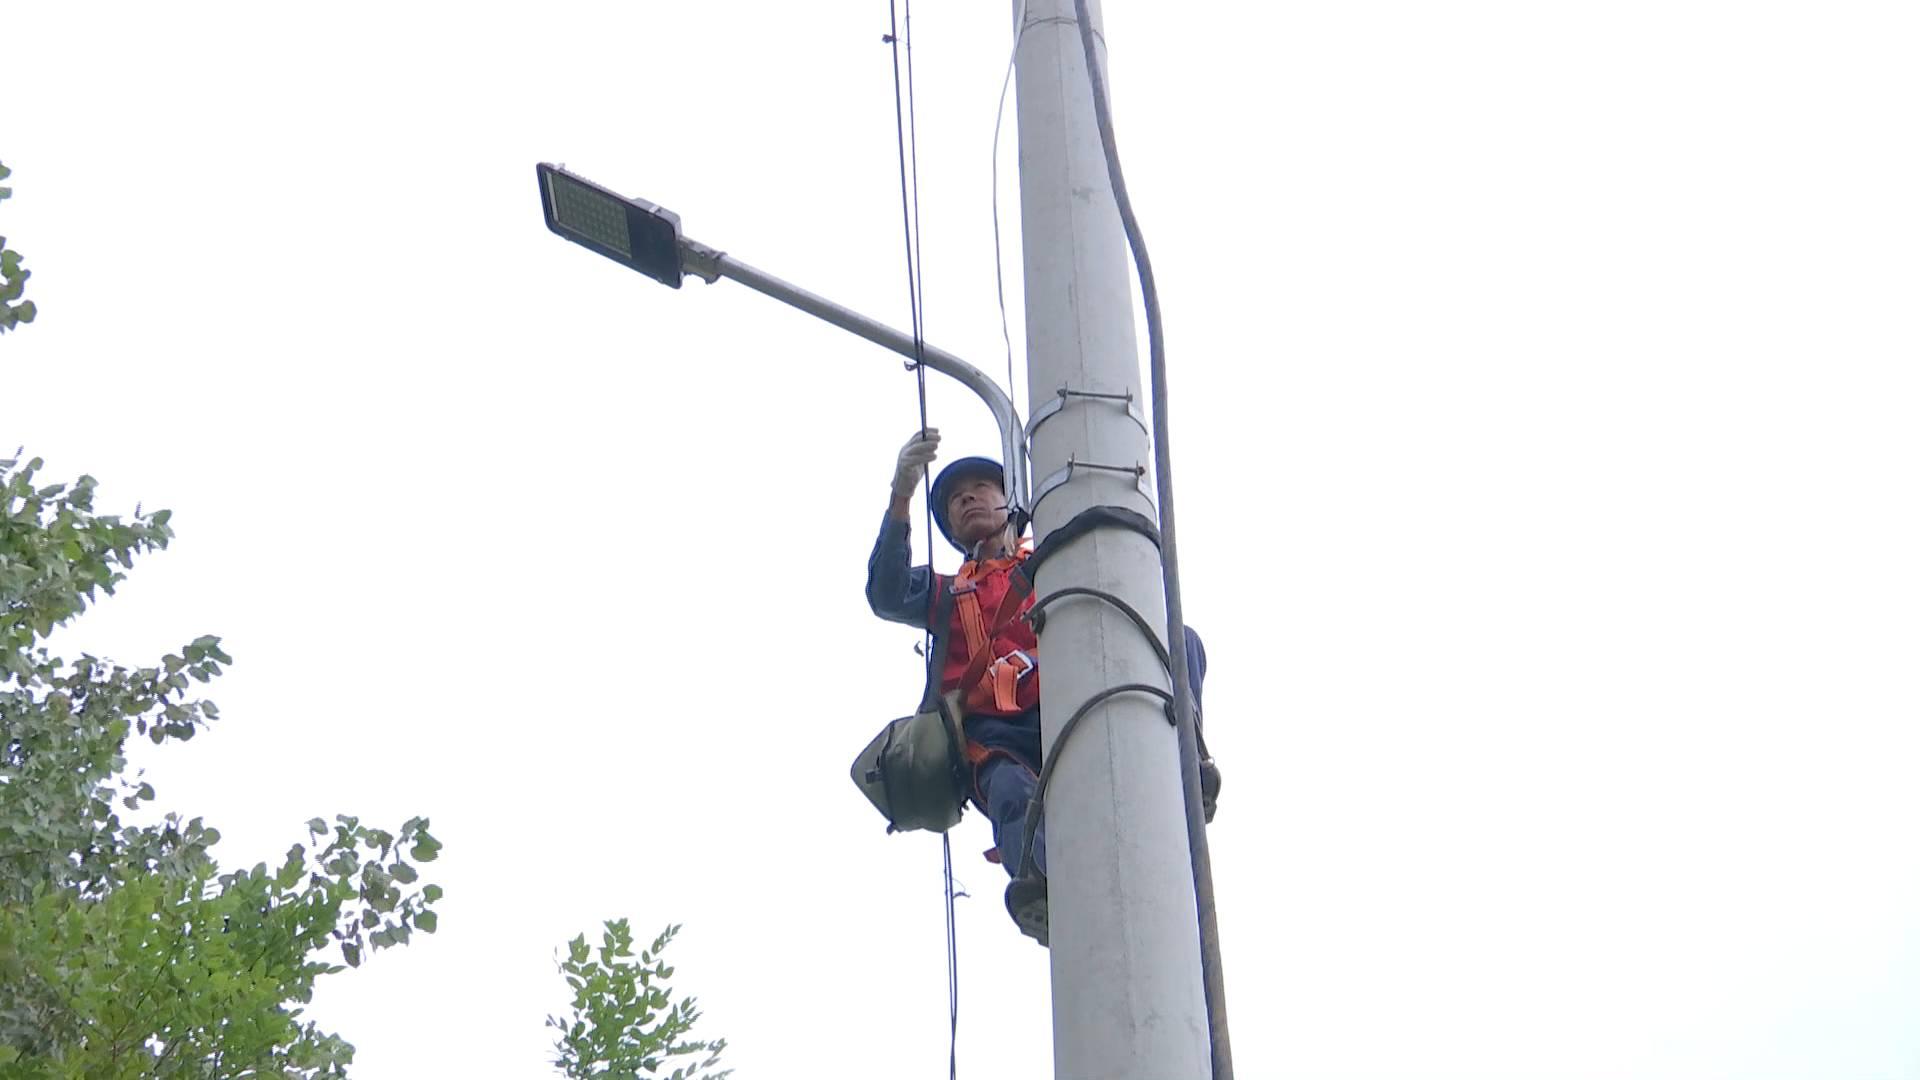 【抗灾救灾在行动】灾区供电全部恢复 基础设施恢复重建有序进行